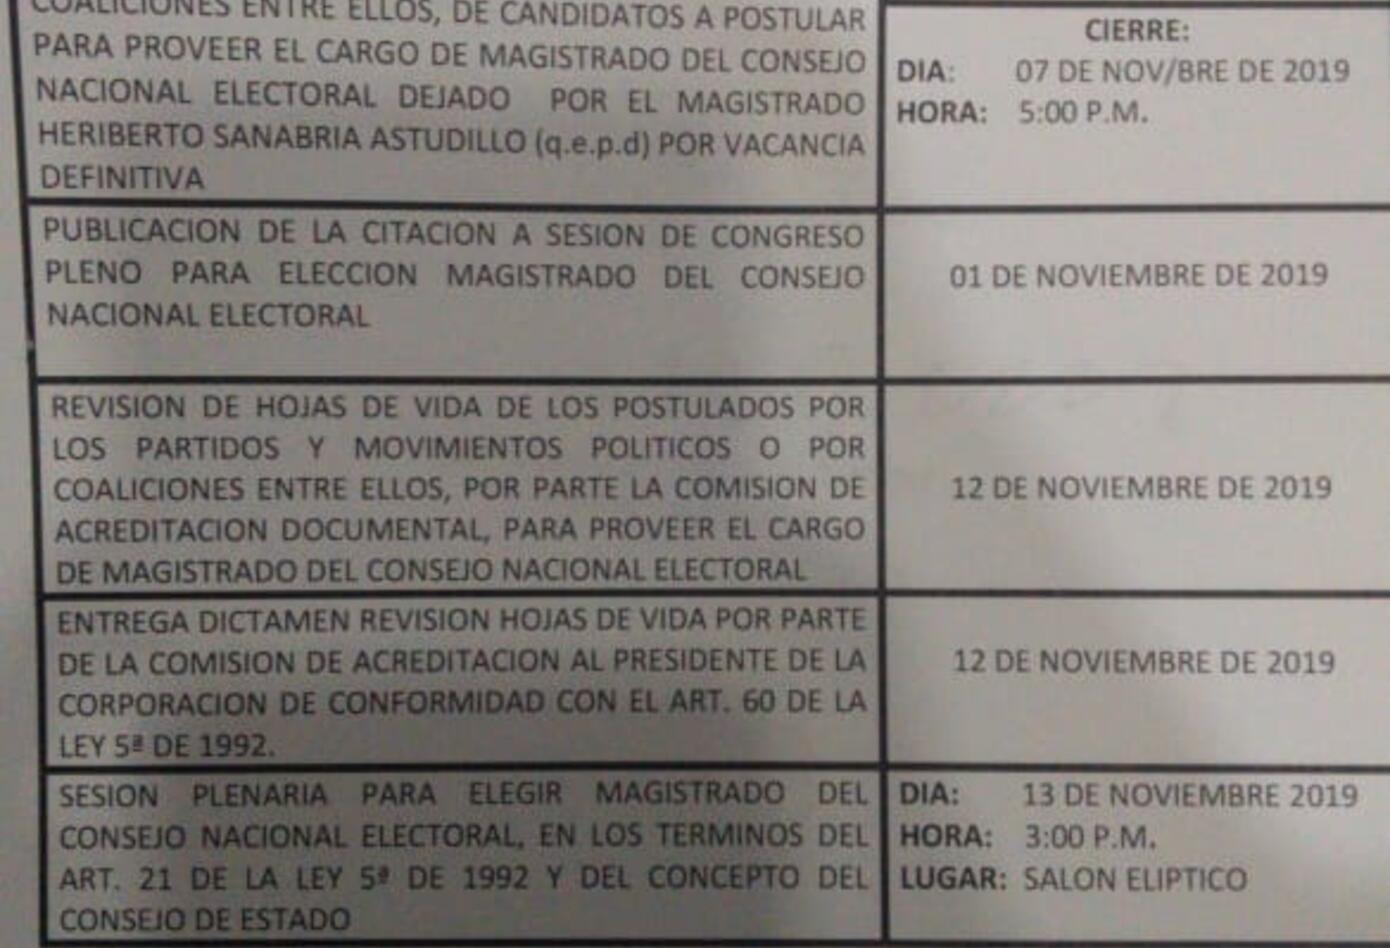 Resolución elección magistrado del CNE 02